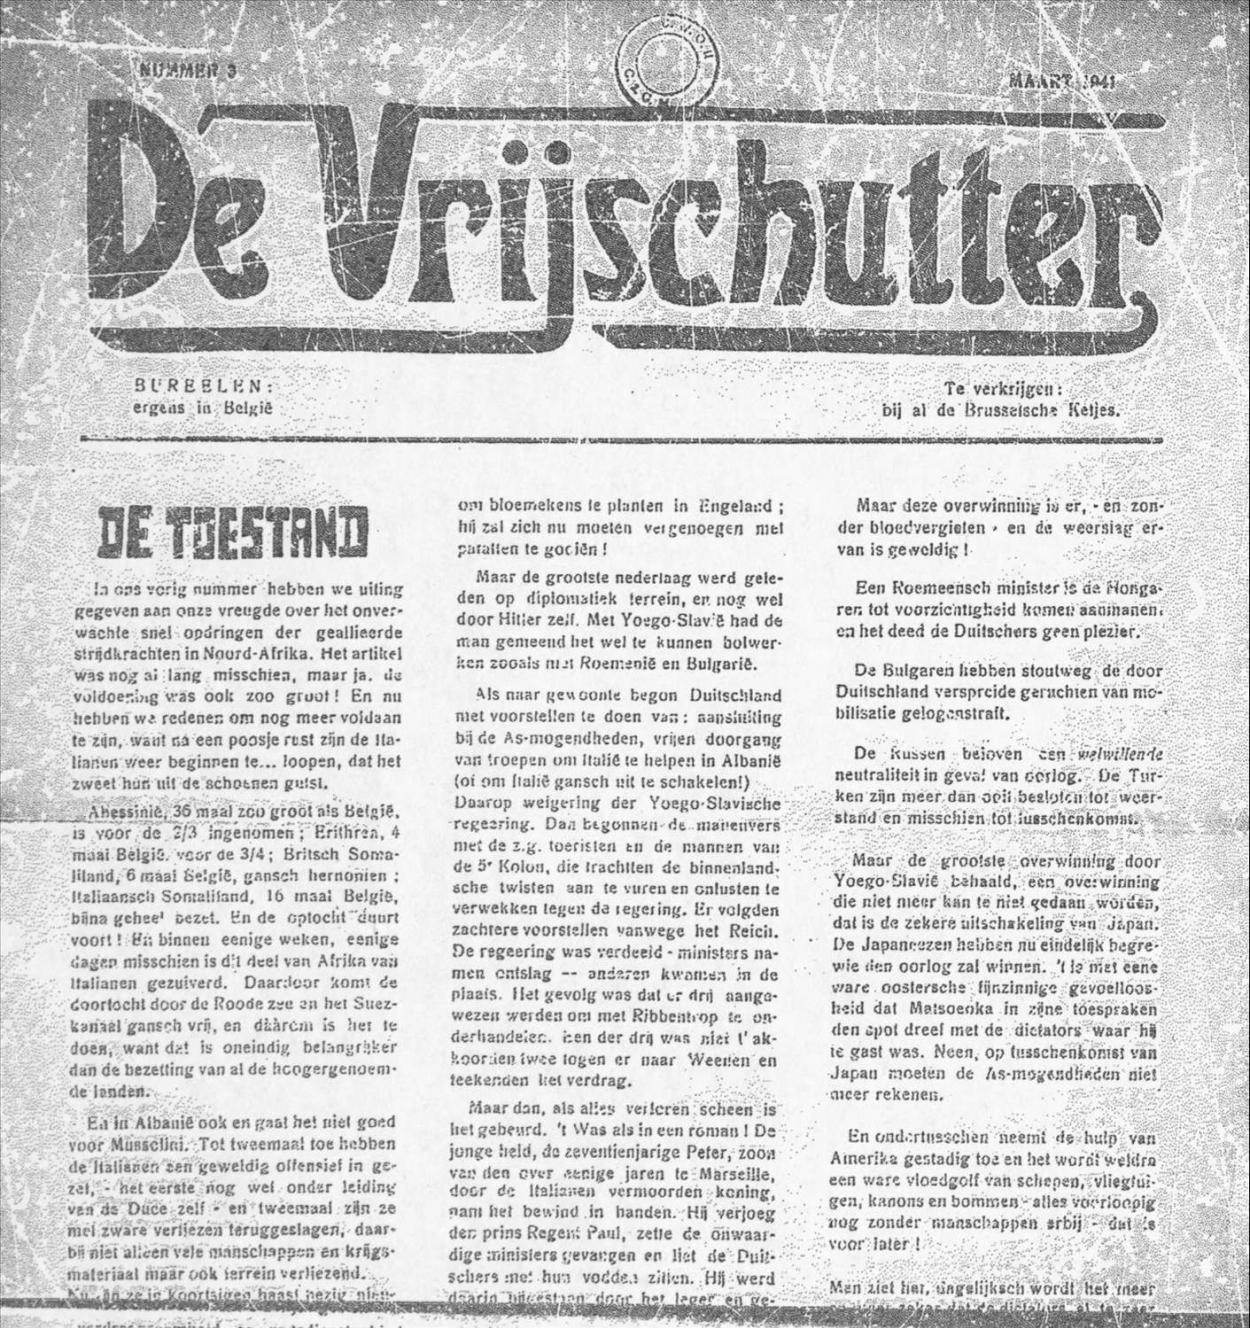 soma_bg656_1941-03_01_003-00001-vrijschutter-mars-41.jpg